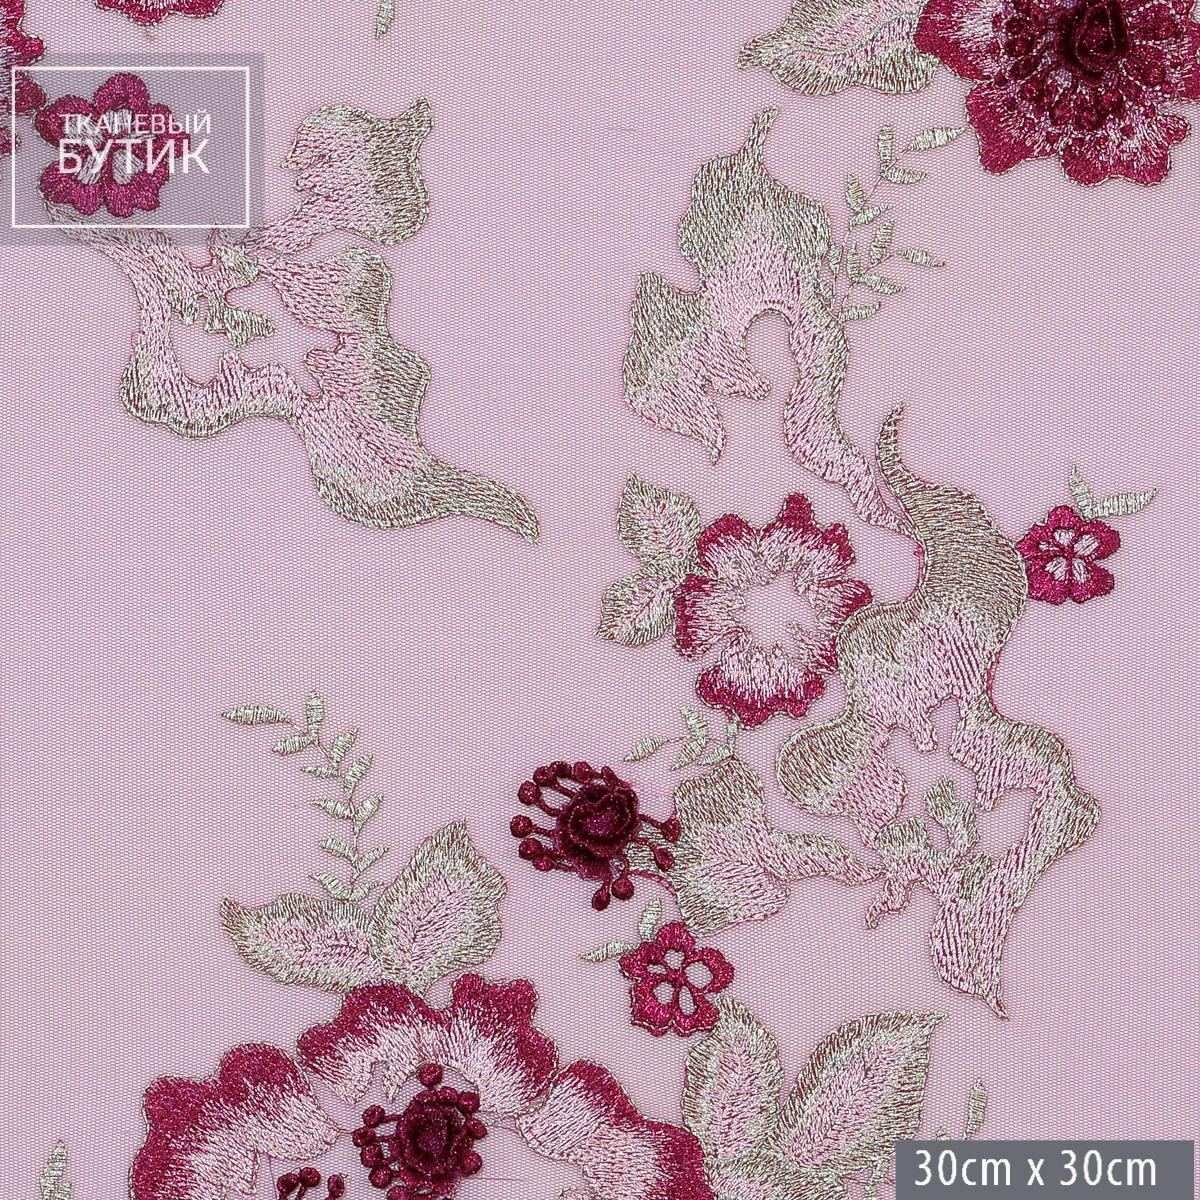 Объемные вышитые цветы в пурпурных оттенках с бордюром